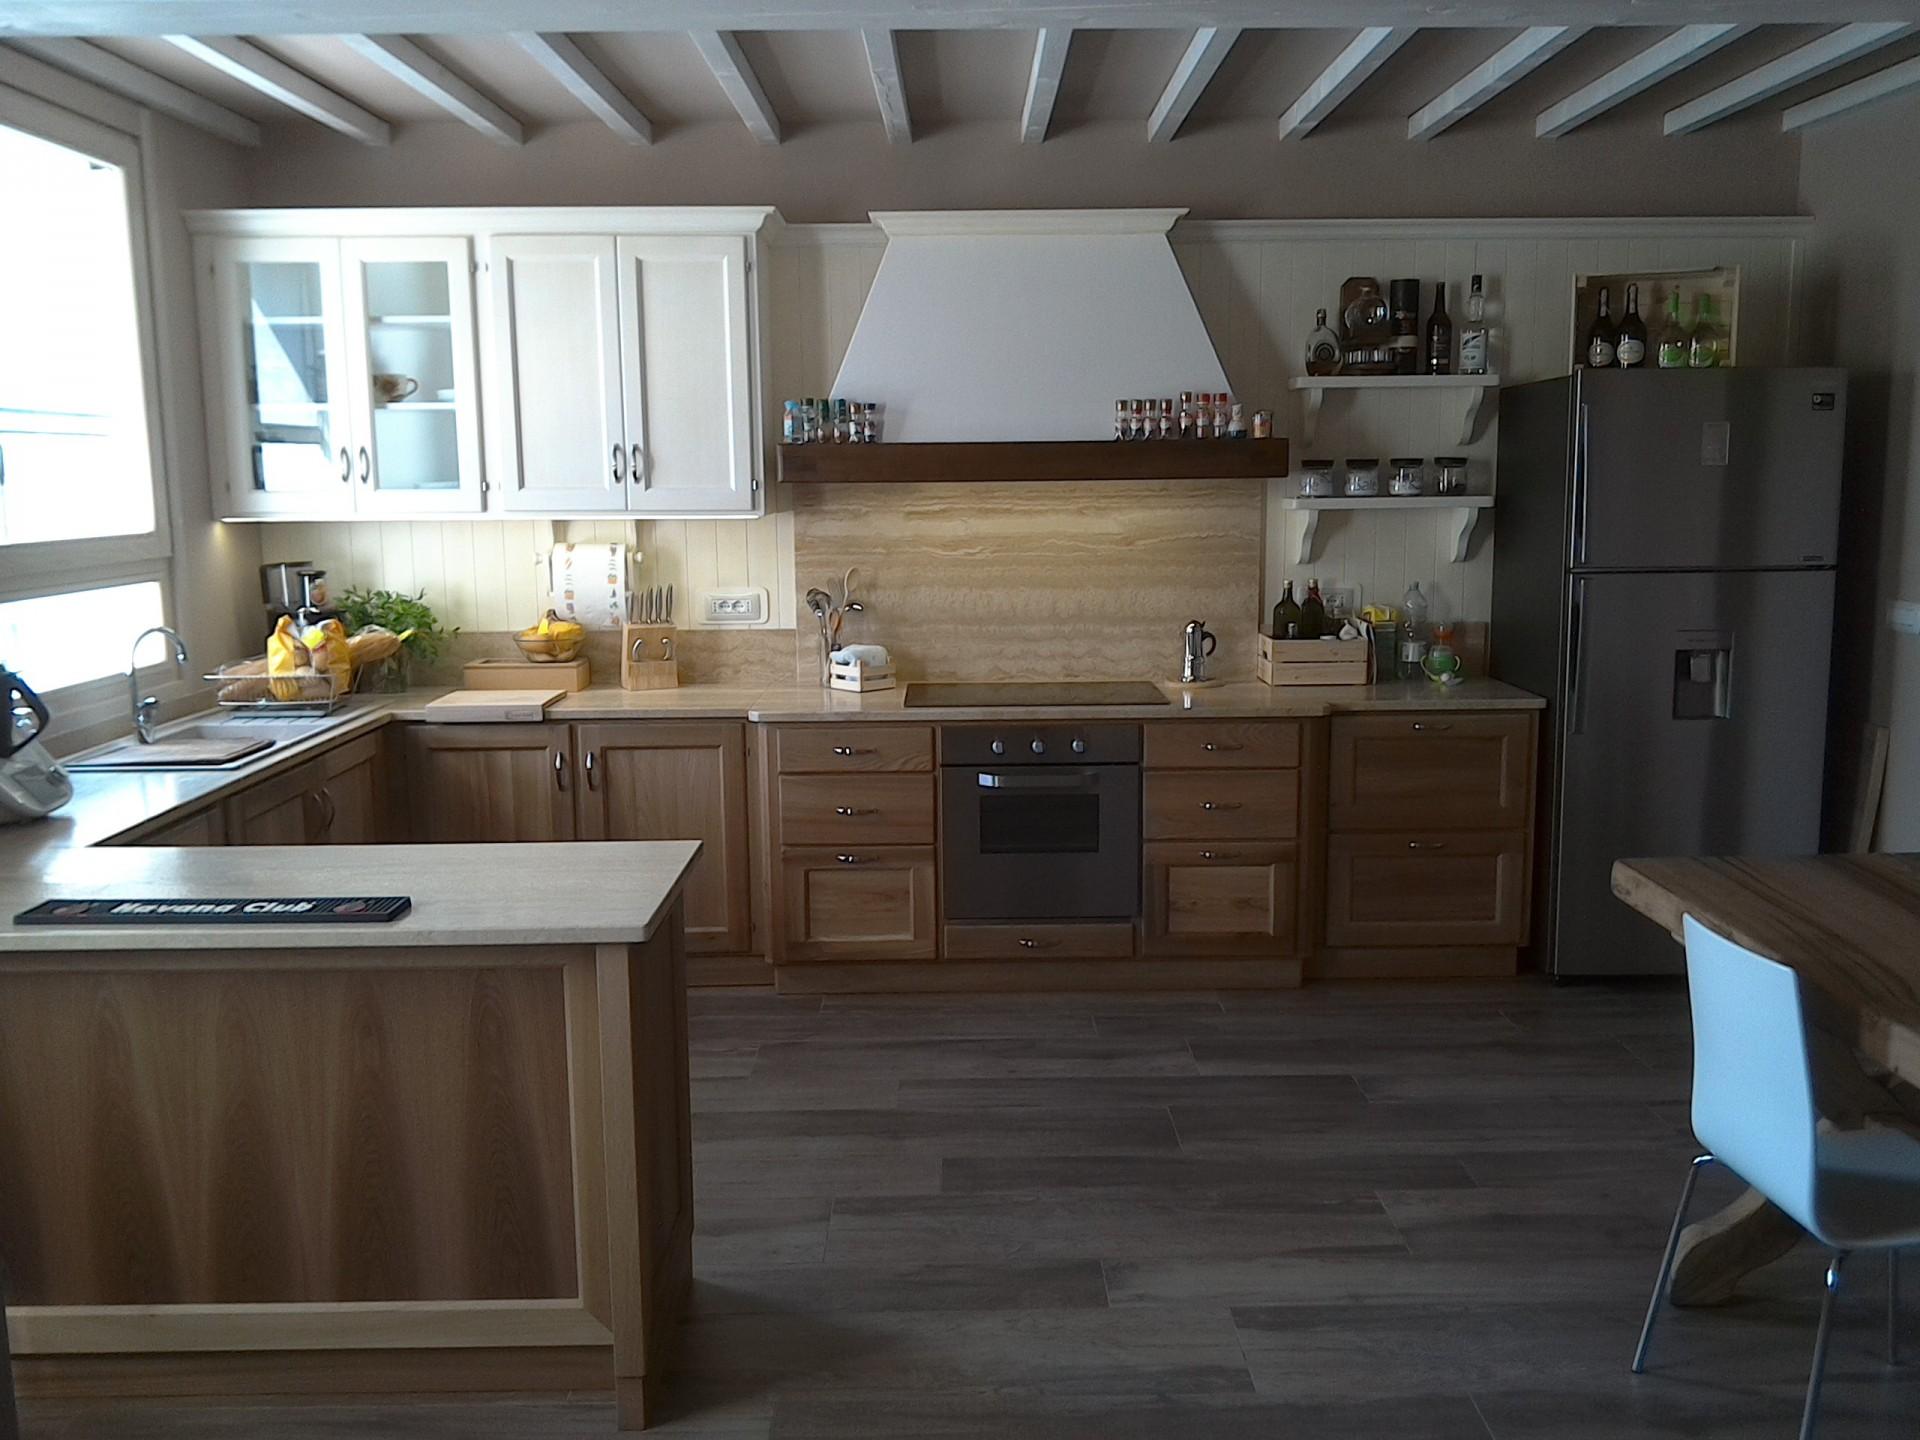 Cucina in legno di olmo fadini mobili cerea verona - Cucina in muratura ...